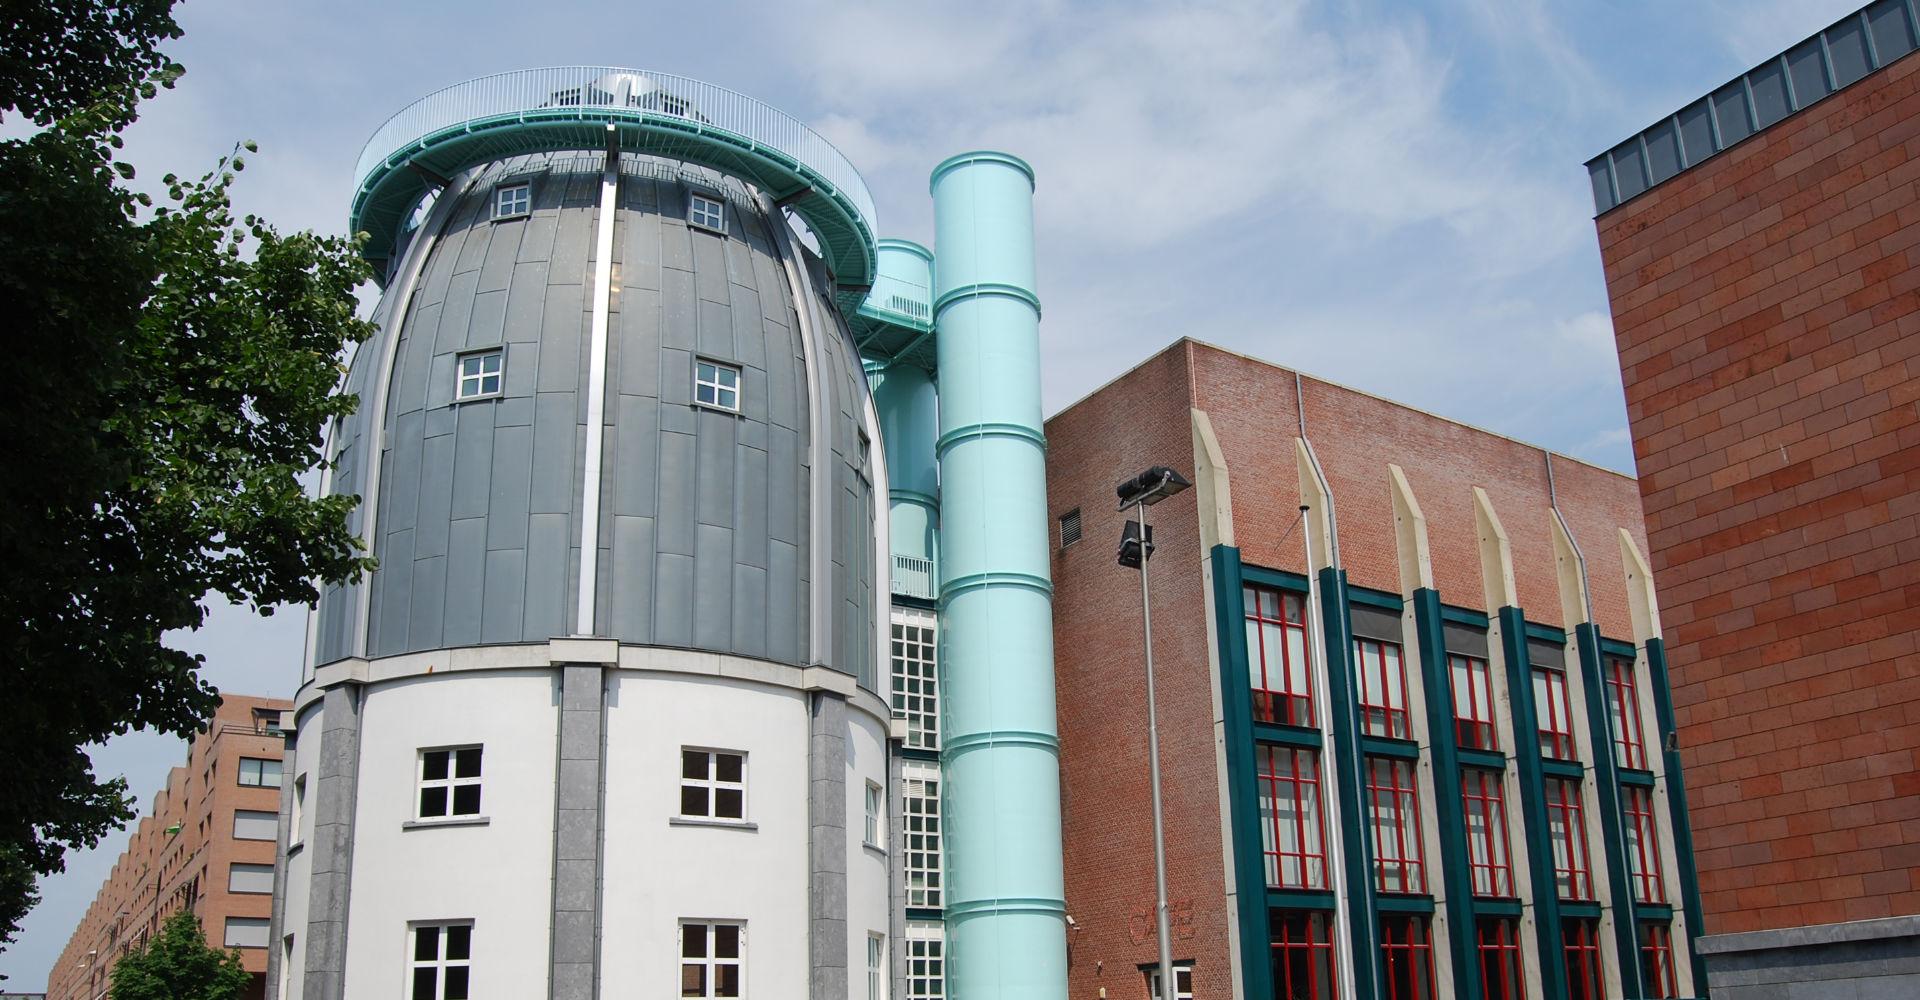 Bonnefantenmuseum door Jim Forest, gebruikt onder een Creative Commons BY licentie